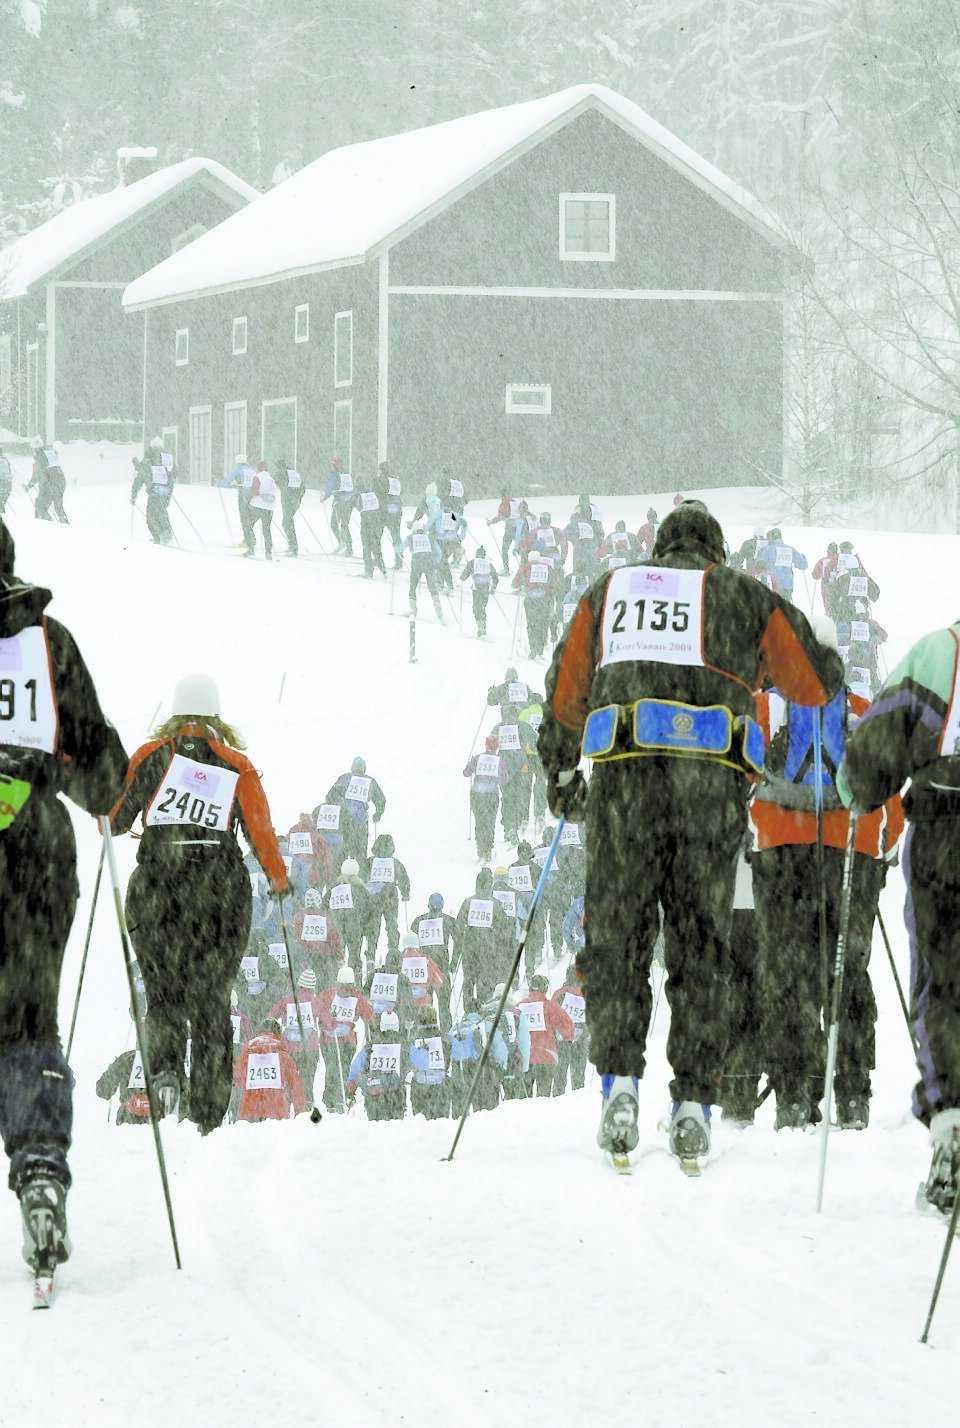 Tung inledning Kortvasan inledde i går Vasaloppsveckan. De 6 447 på startlinjen hade ett tufft före. Mot slutet på det tre mil långa loppet segnade en av åkarna, en 62-årig man, ned och avled.